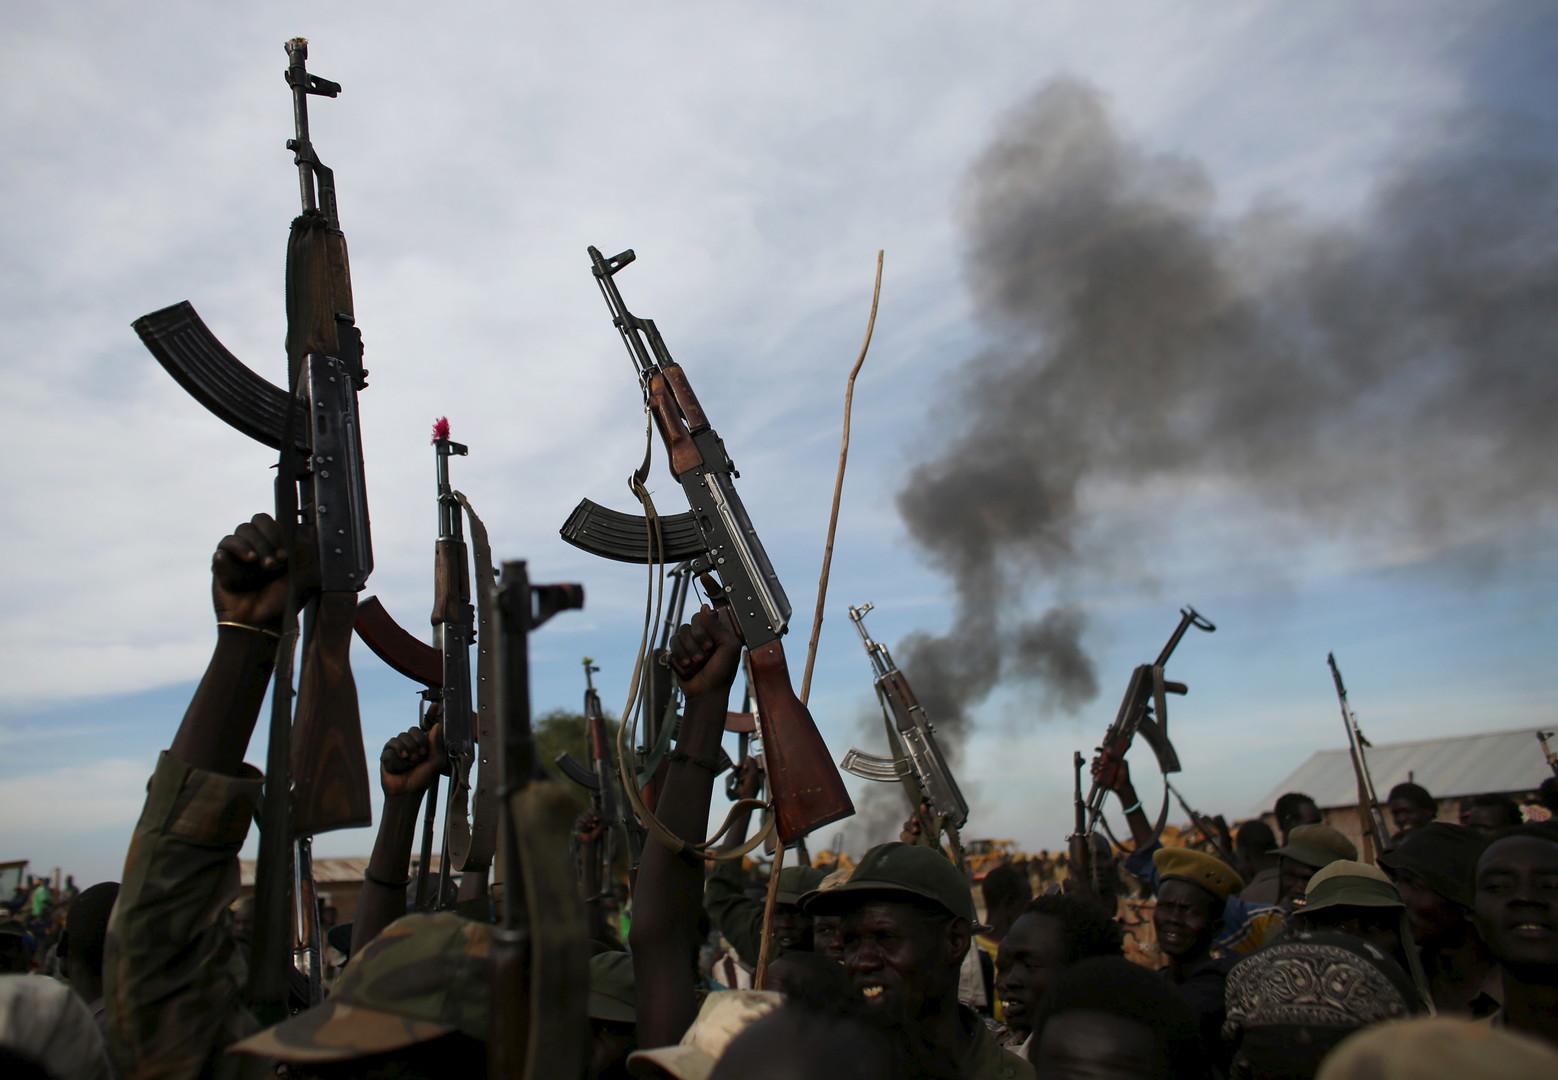 """Südsudan: UN spricht von """"weltweit größter humanitärer Katastrophe"""" und fordert Waffenembargo"""